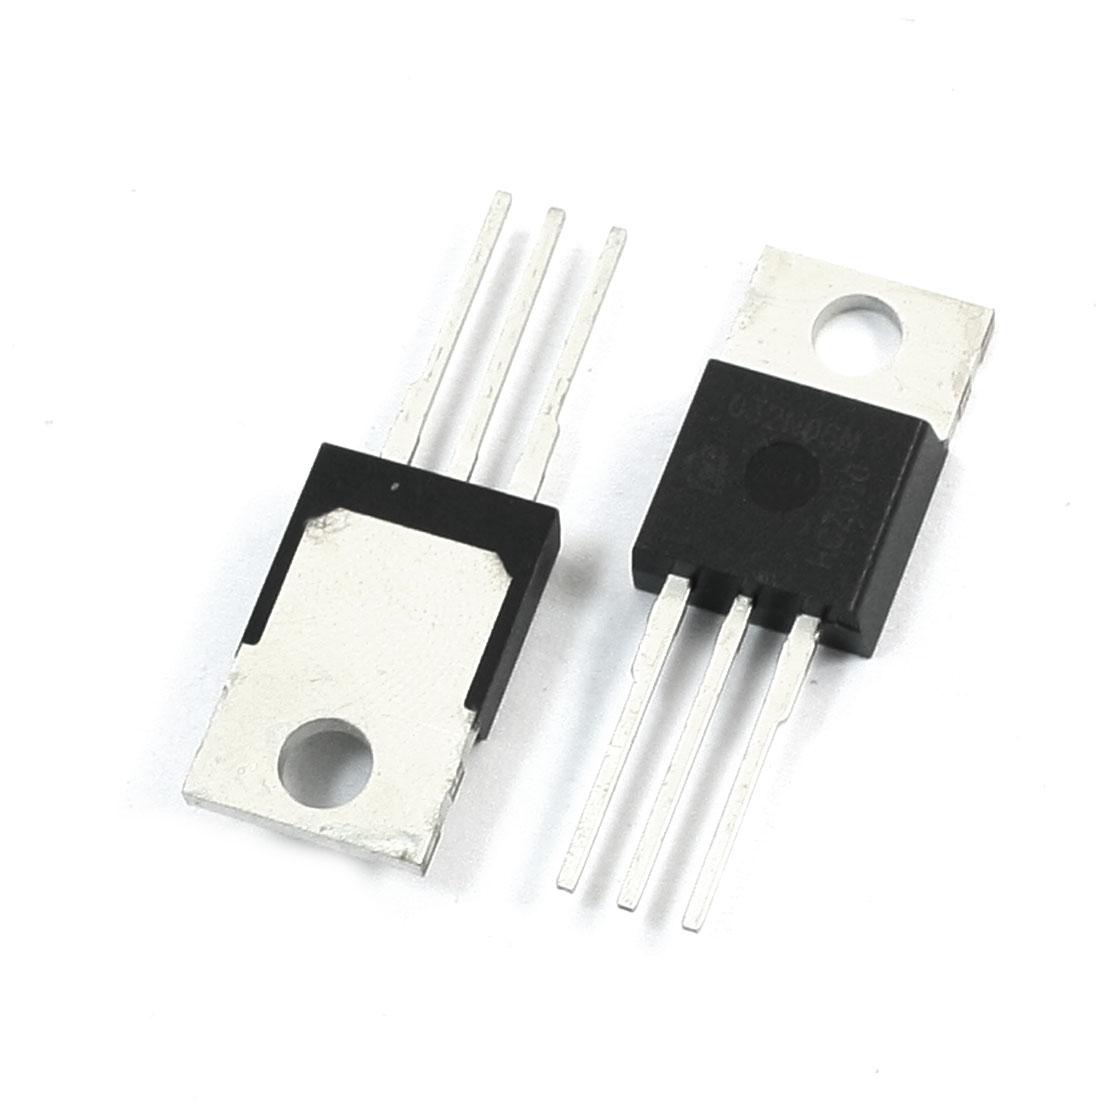 2Pcs IPP032N06N3G 60V 120A N Channel MOS Field Effect Power Transistor